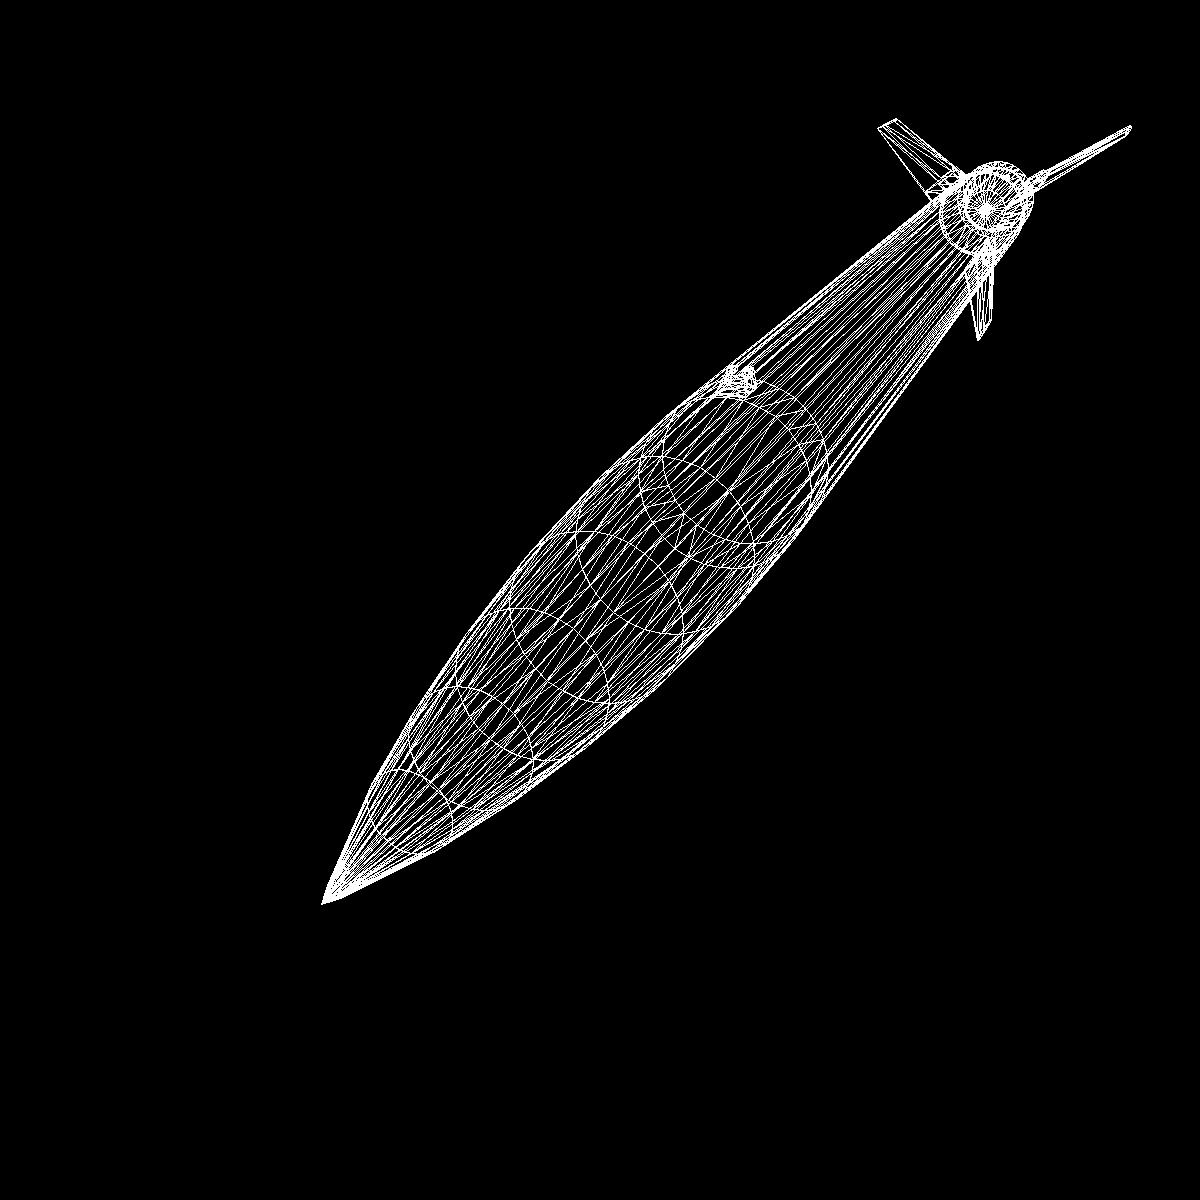 qara brant vb raketin səsləndirilməsi 3d model 3ds dxf cob x obj 150888